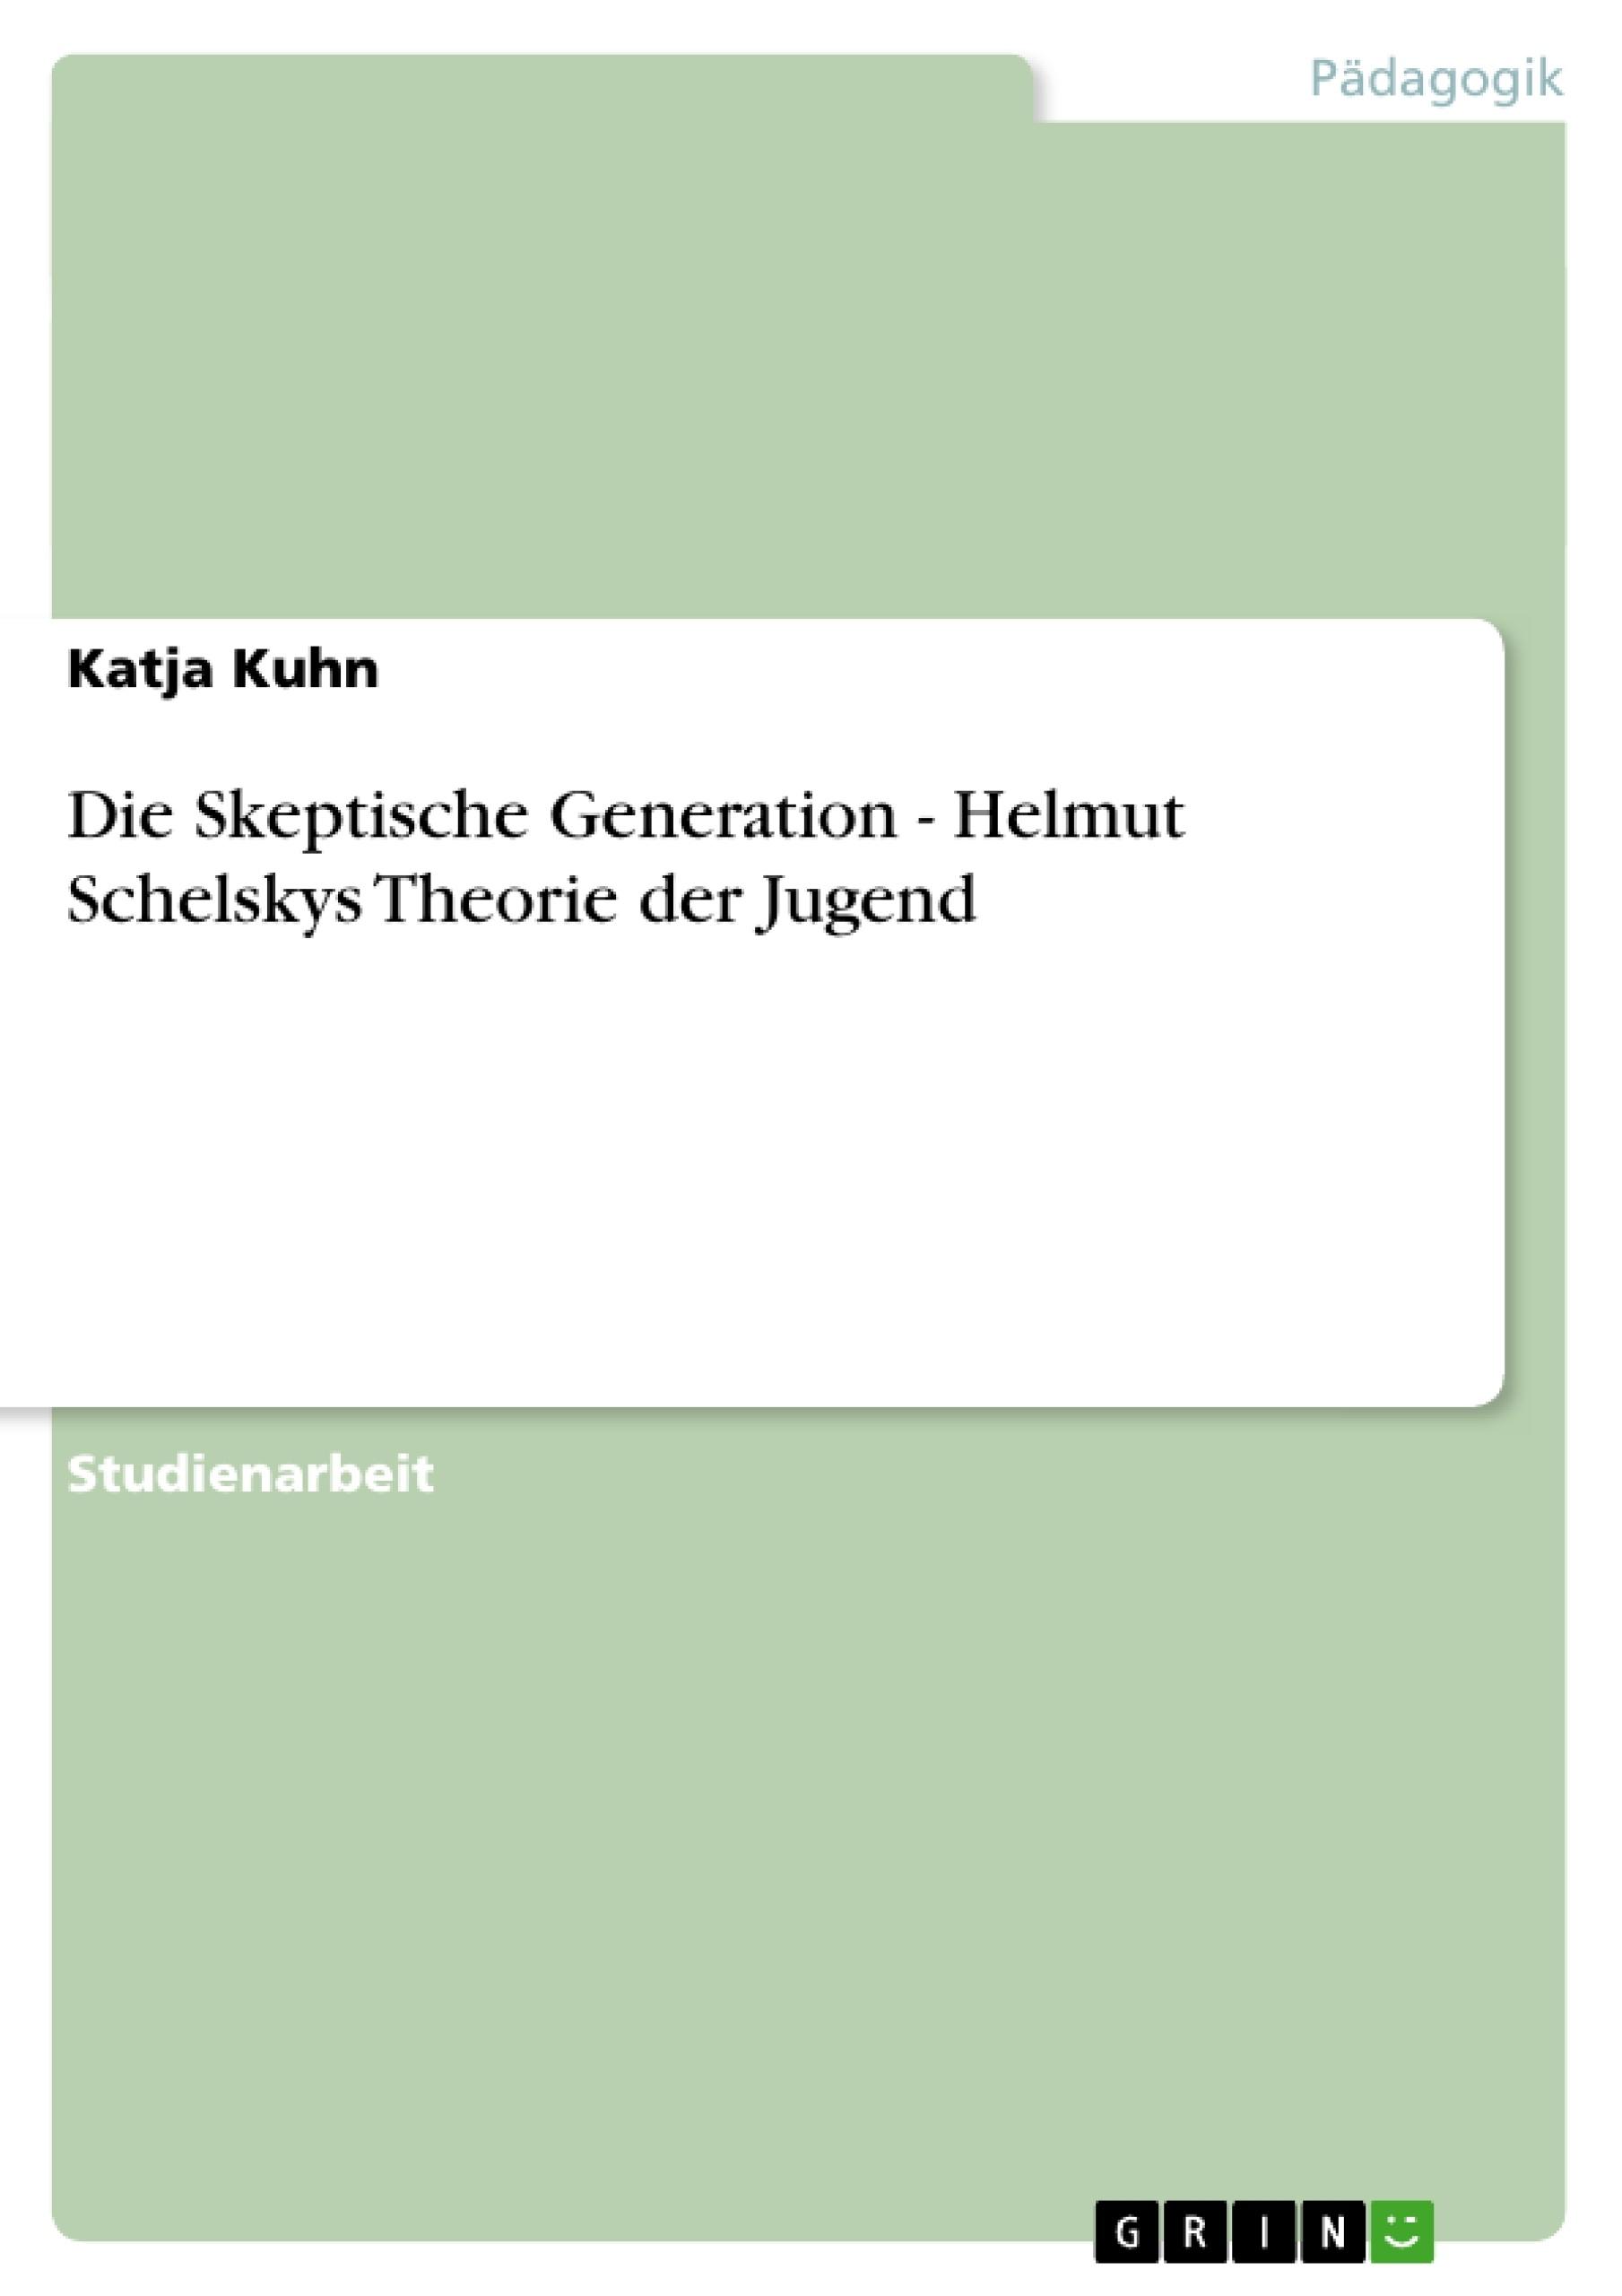 Titel: Die Skeptische Generation - Helmut Schelskys Theorie der Jugend